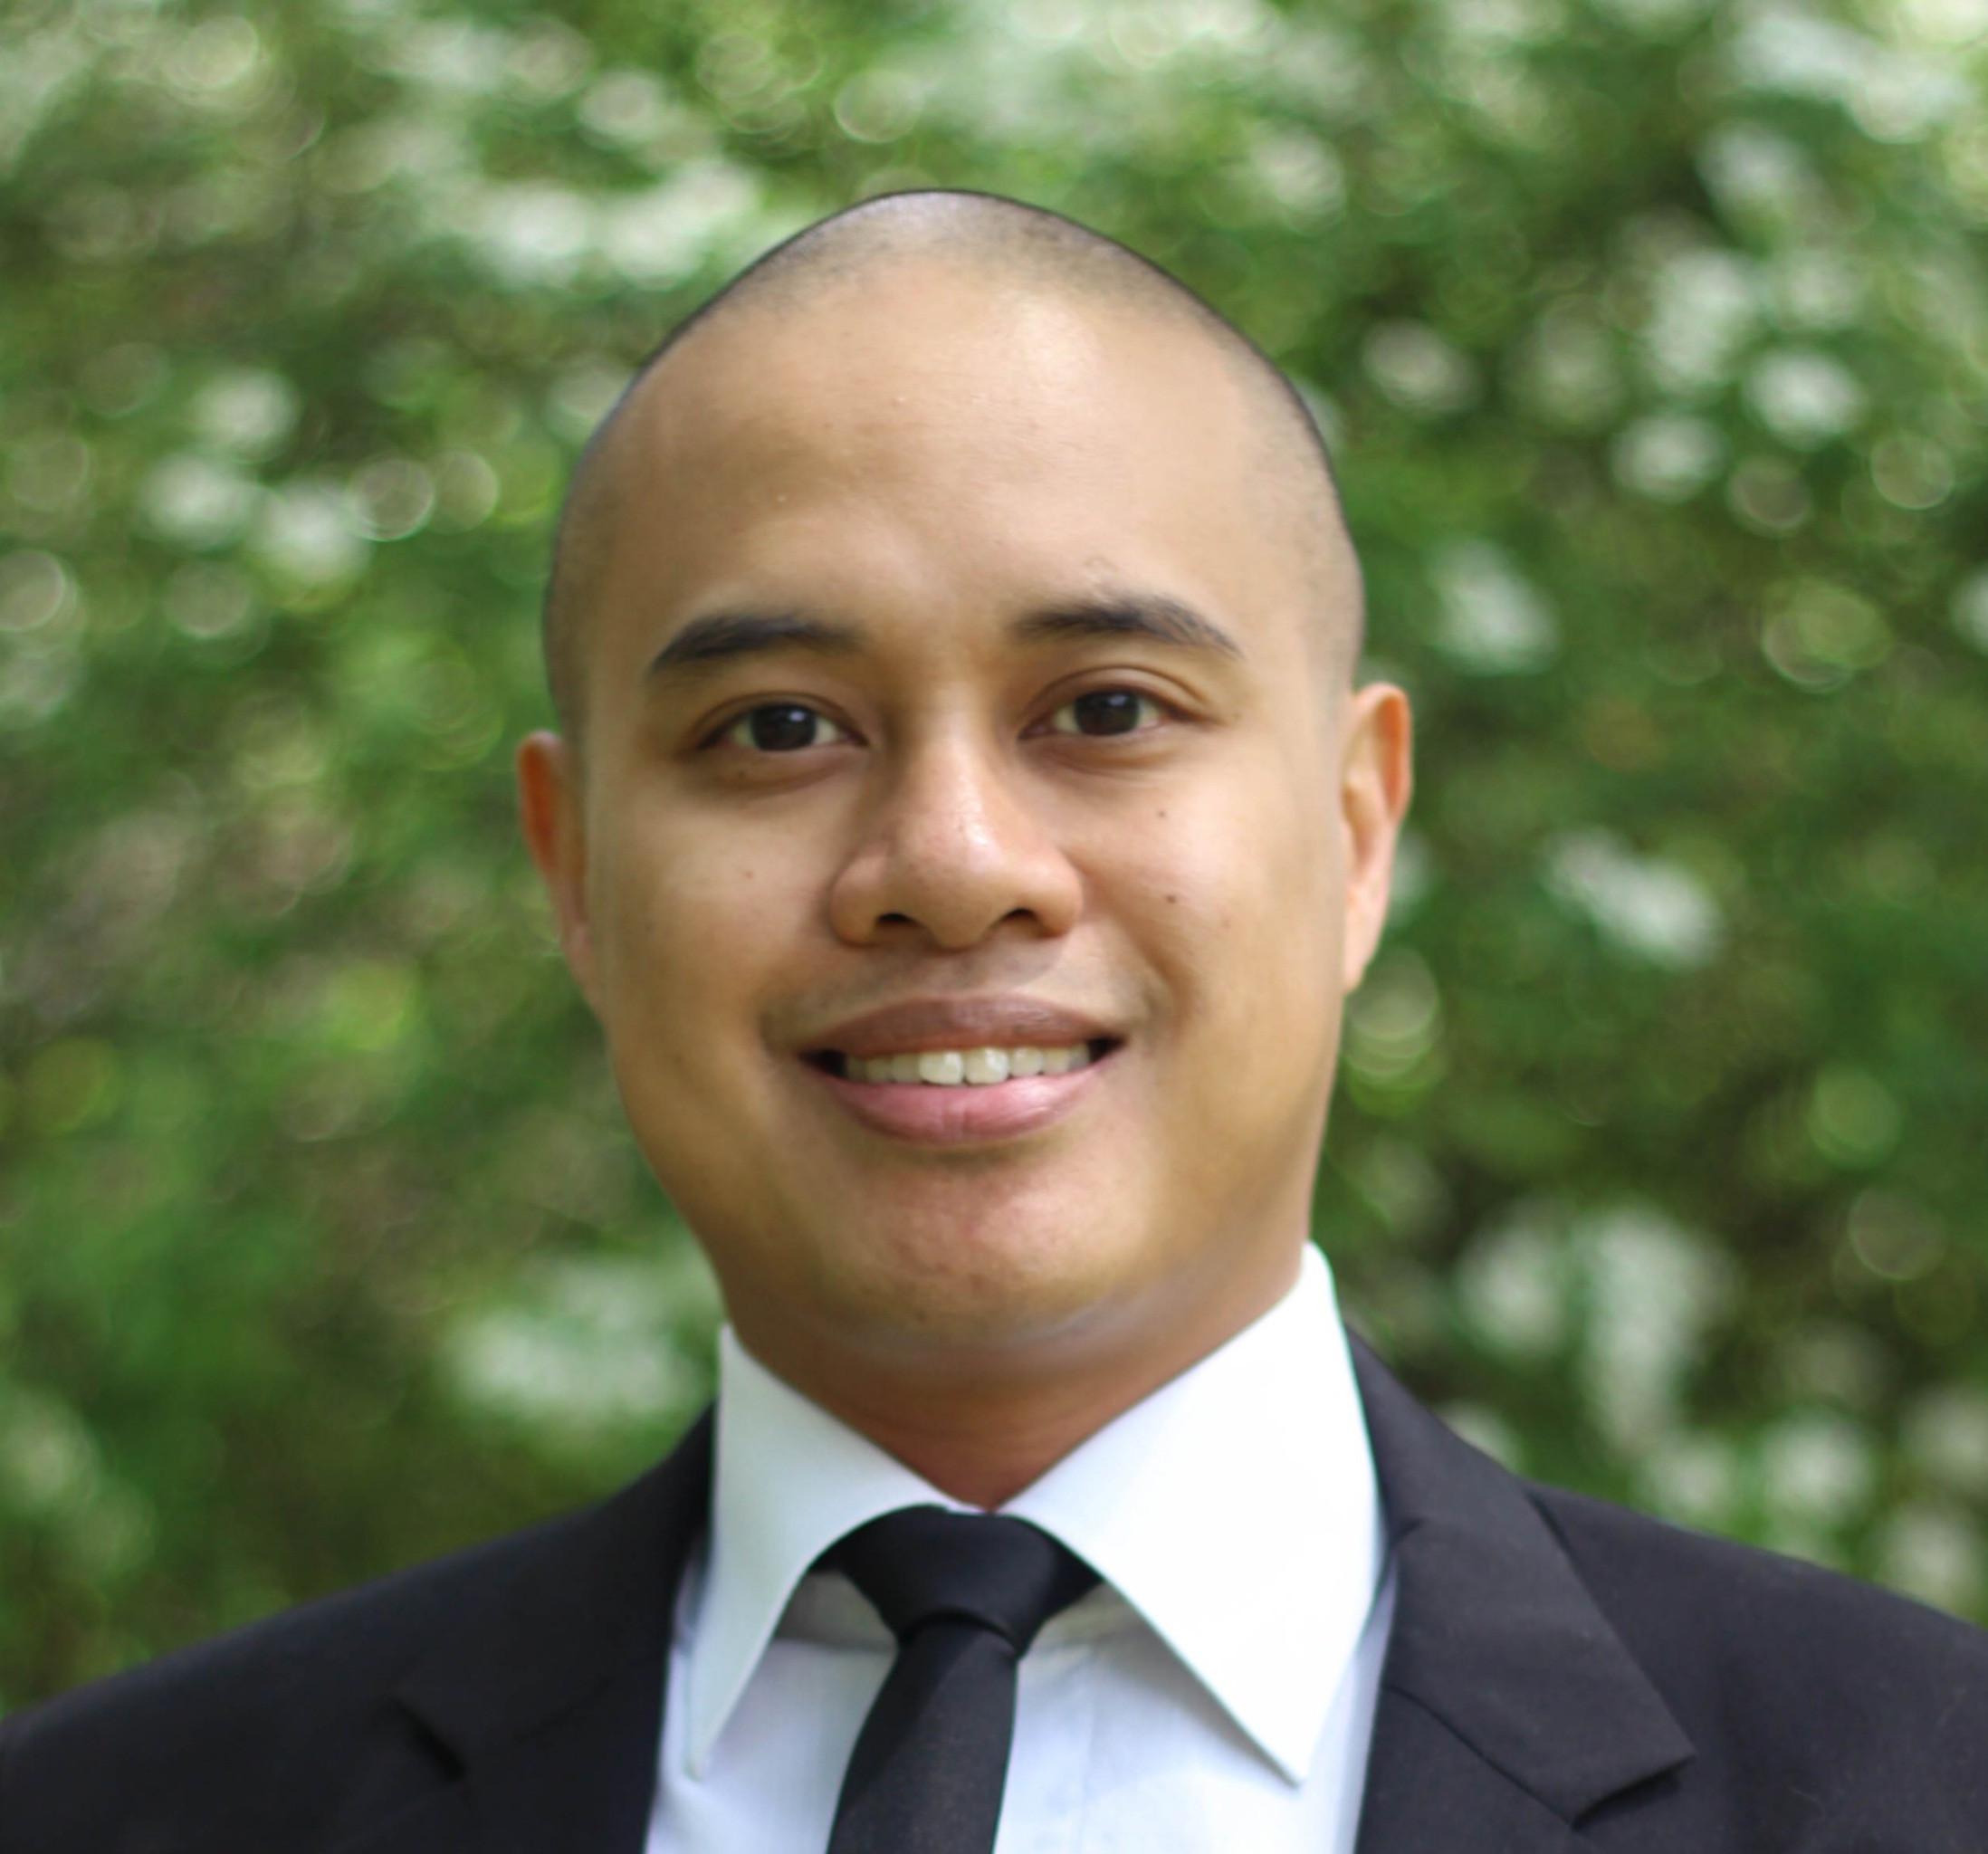 Michael Esguerra